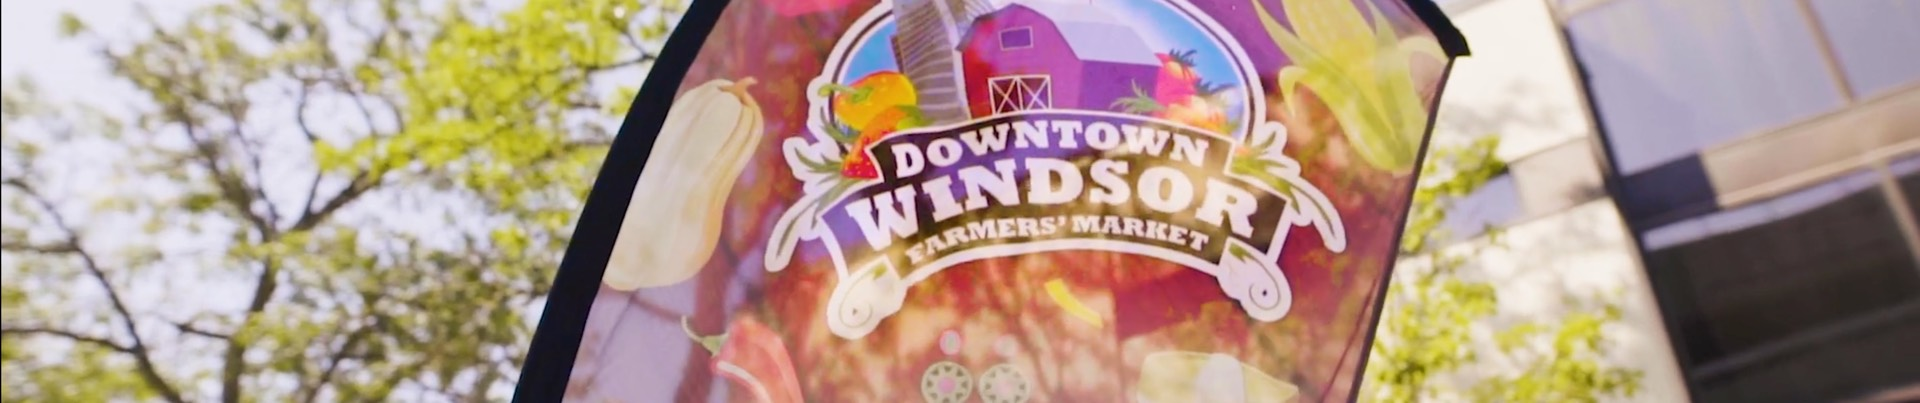 Downtown Windsor Farmers Market